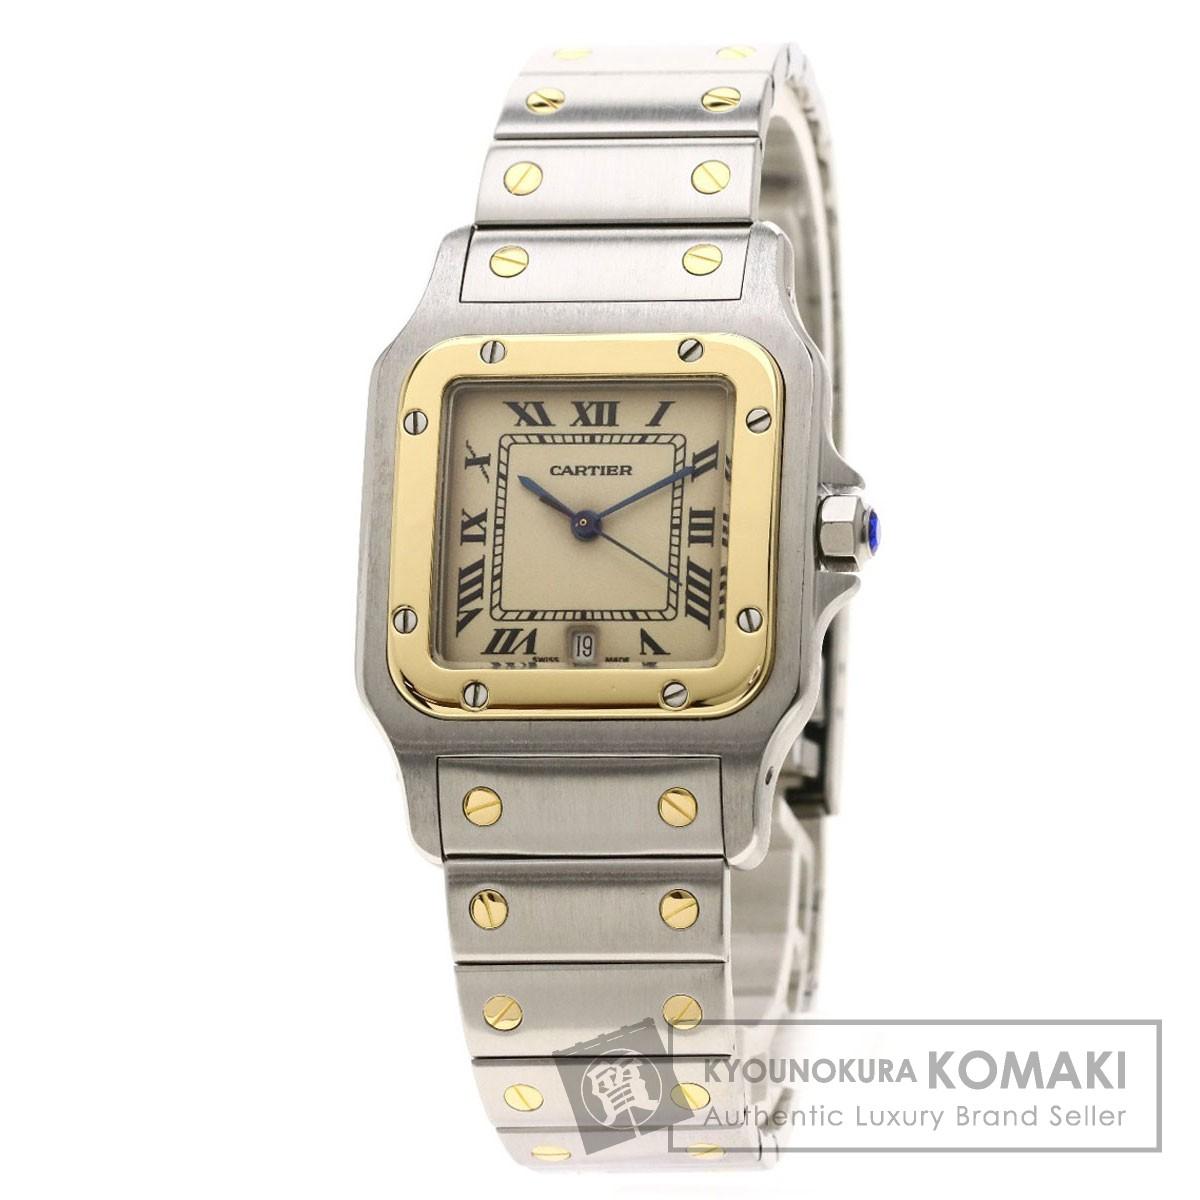 カルティエ W20011C4 サントスガルベ LM 腕時計 ステンレススチール/SSxK18YG メンズ 【中古】【CARTIER】